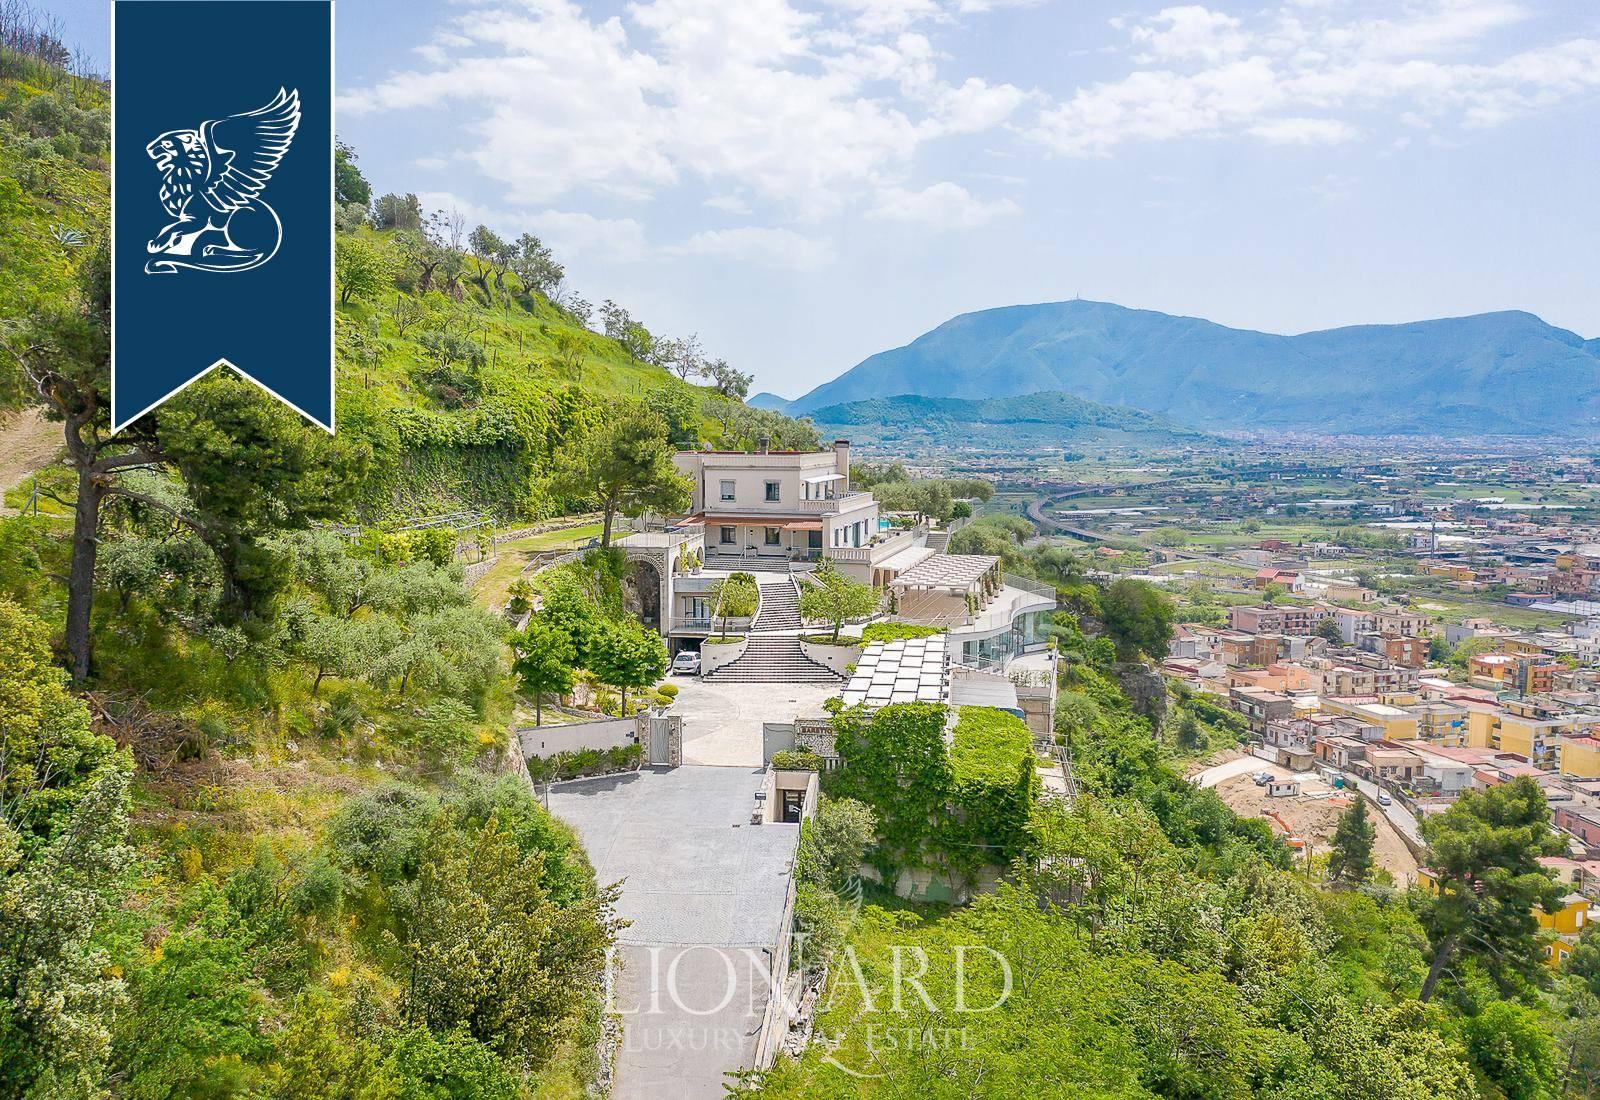 Villa in Vendita a Sarno: 0 locali, 1850 mq - Foto 8